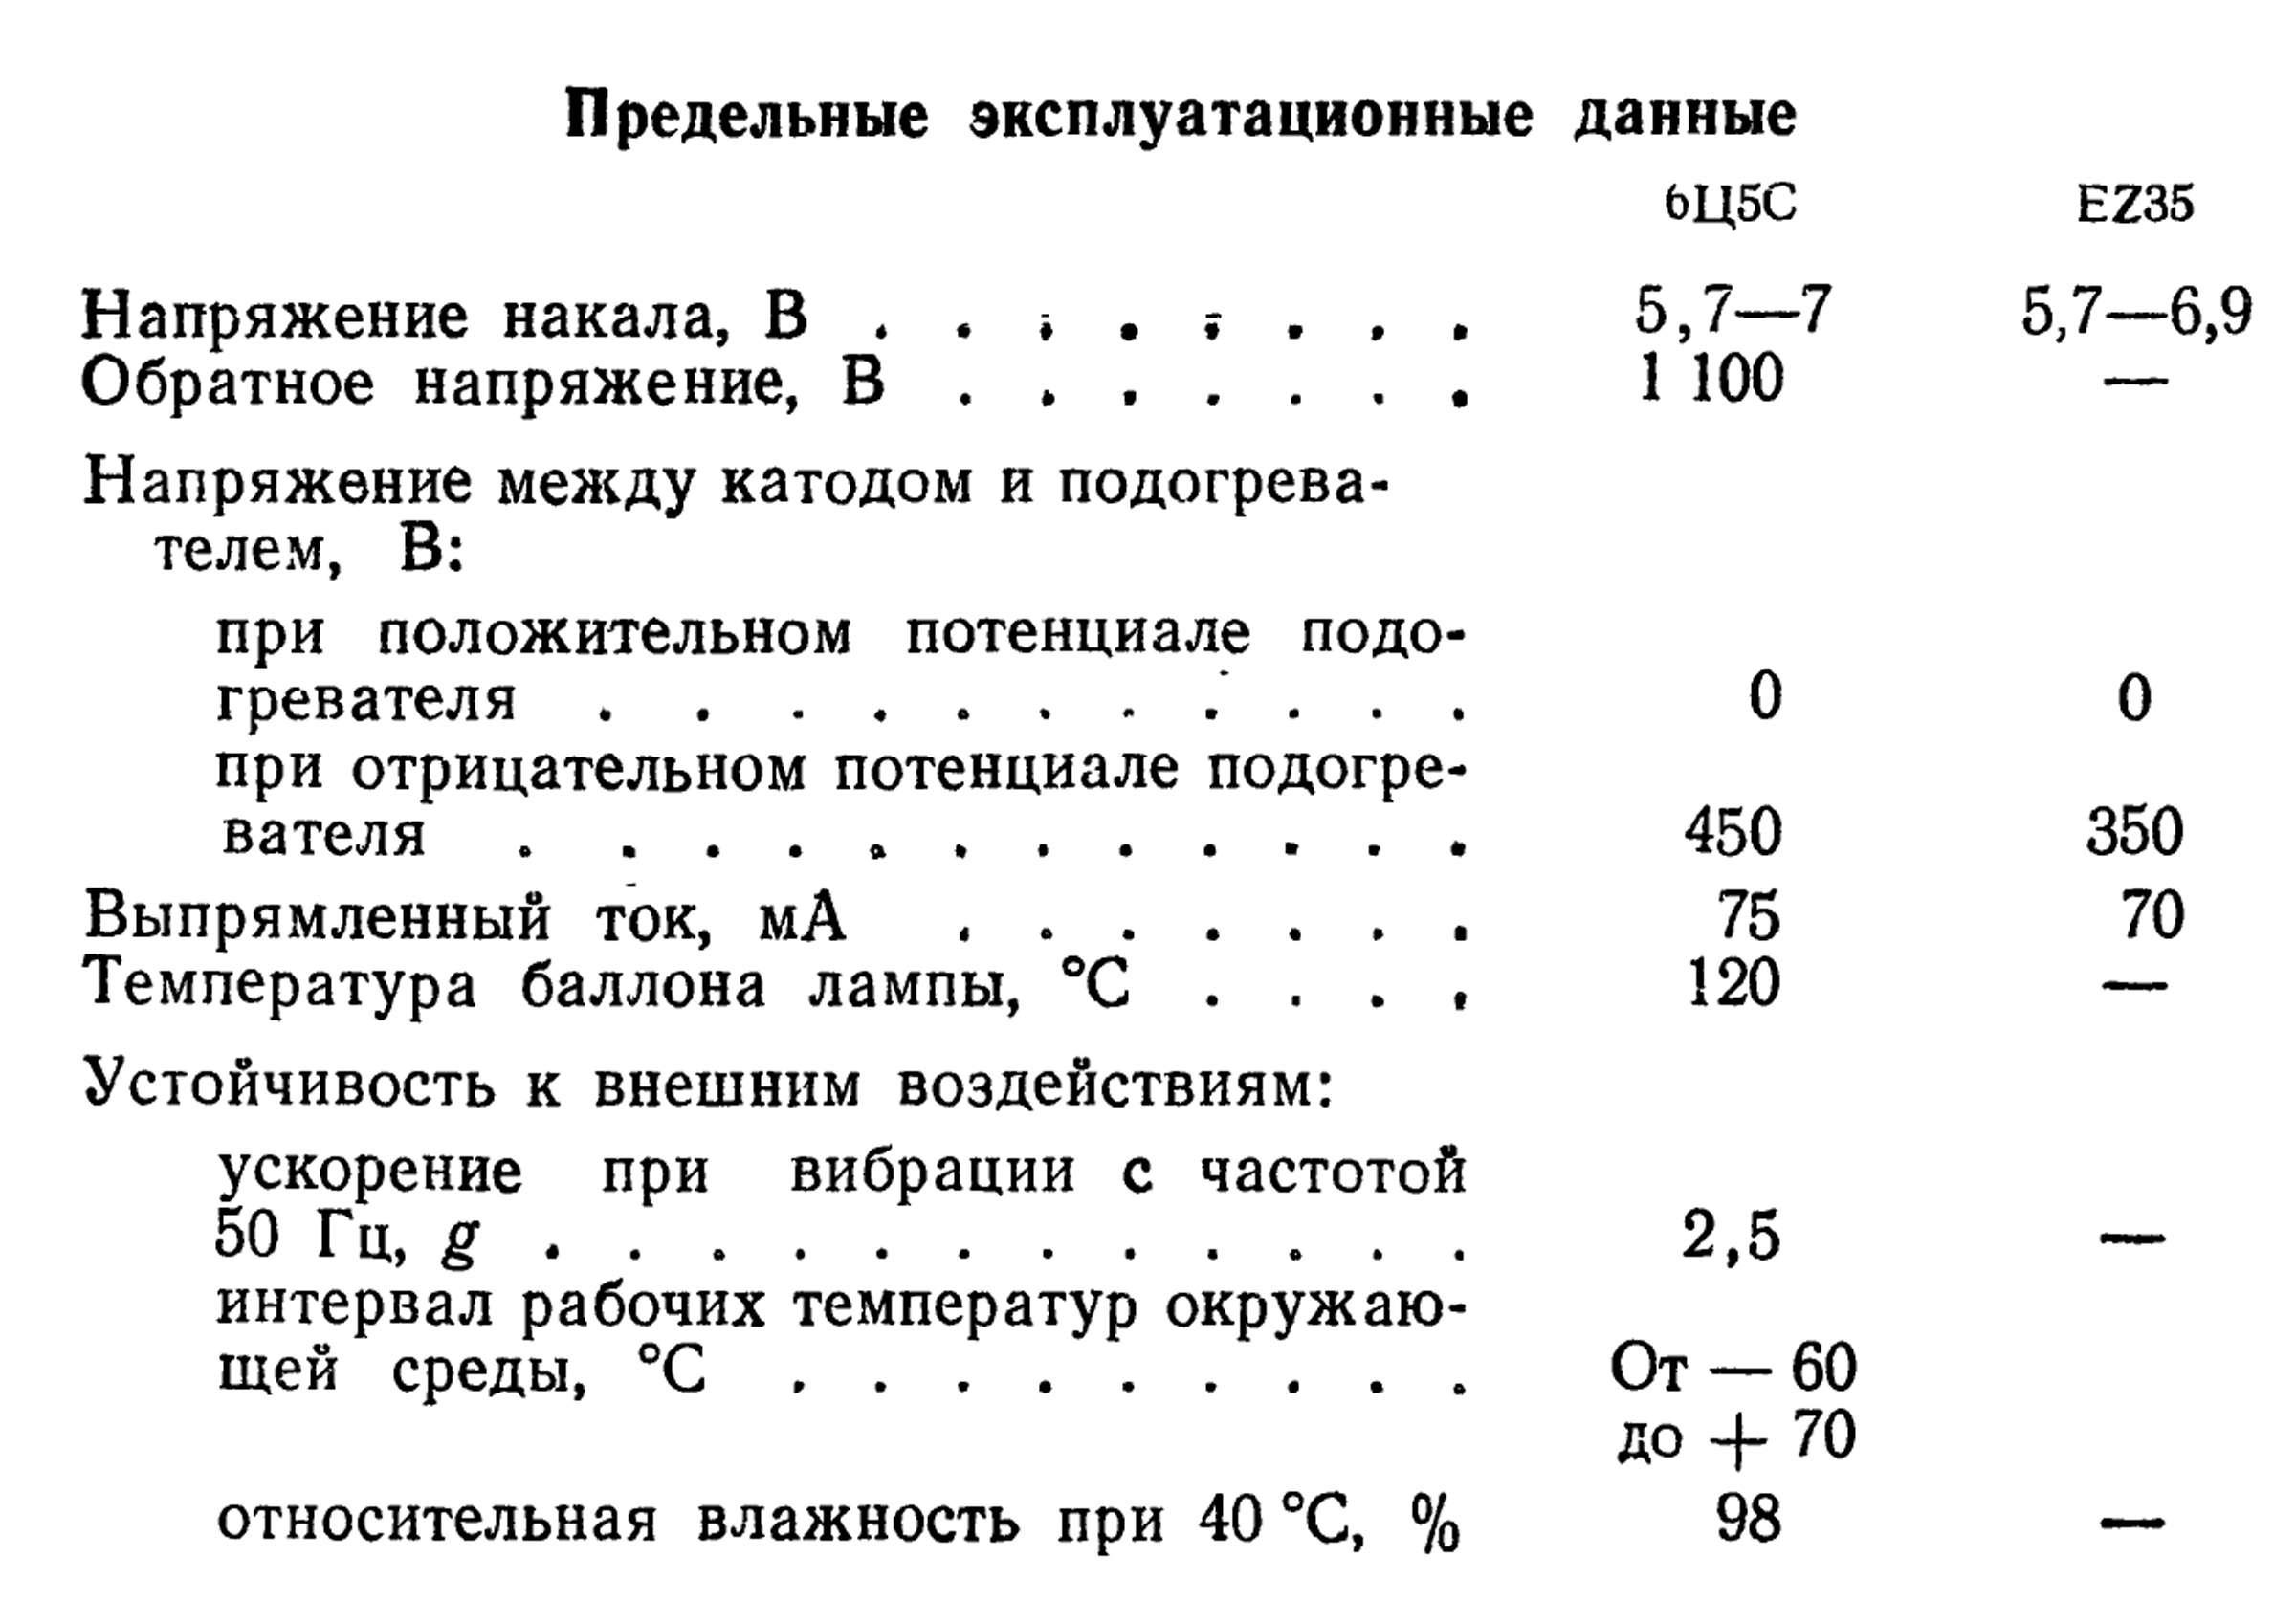 Параметры радиолампы 6Ц5С (EZ35)